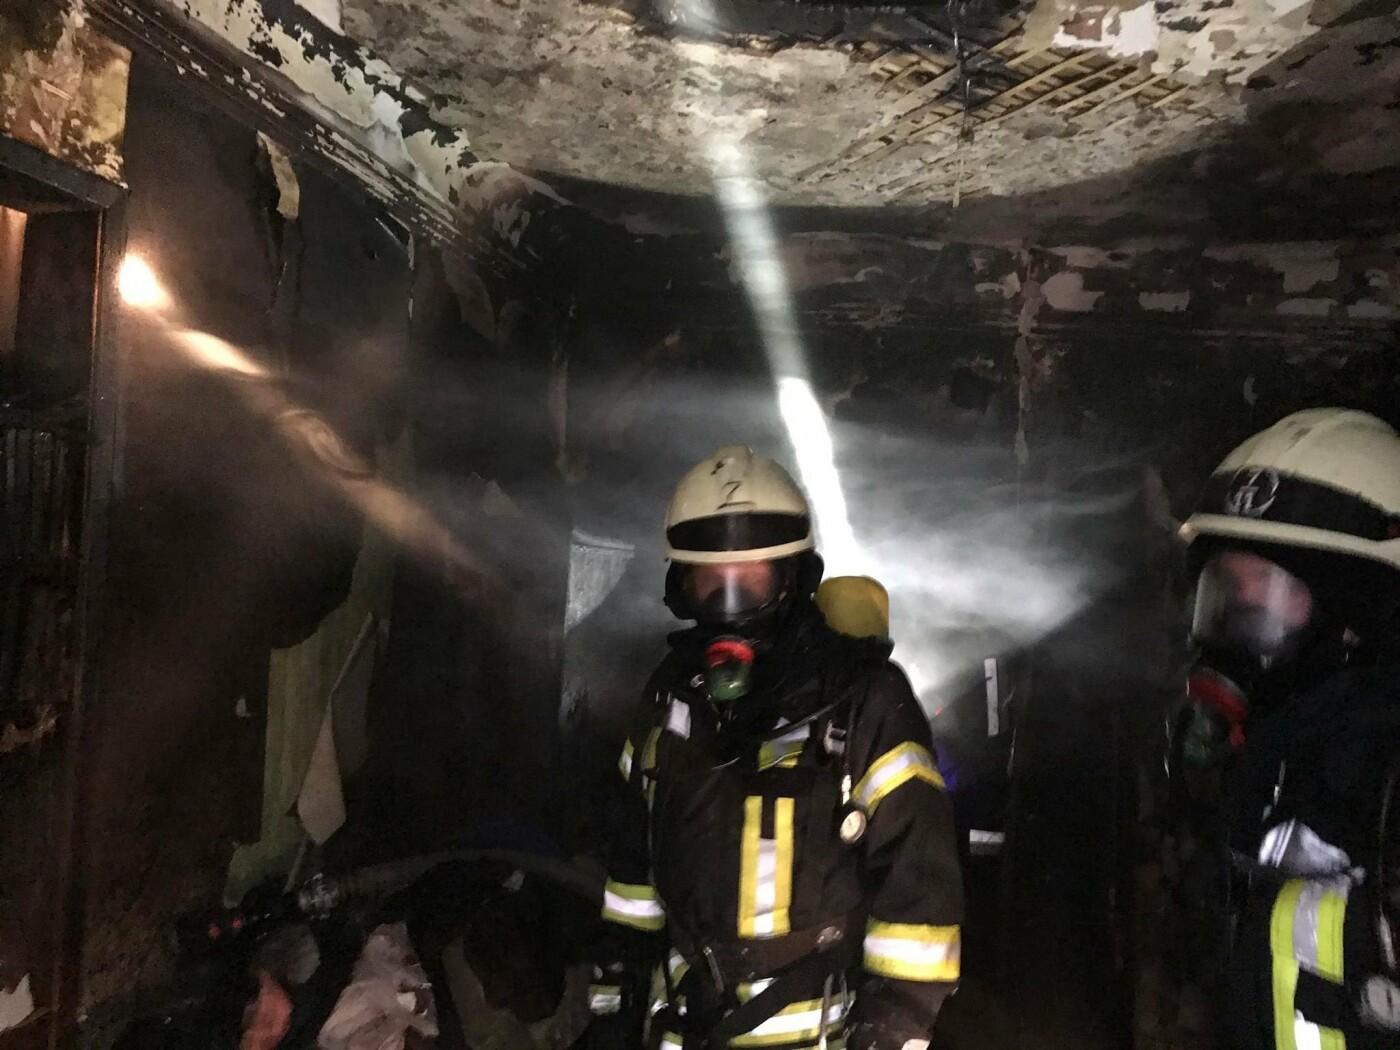 Пожар в центре Одессы: спасатели рассказали подробности инцидента, - ФОТО, фото-1